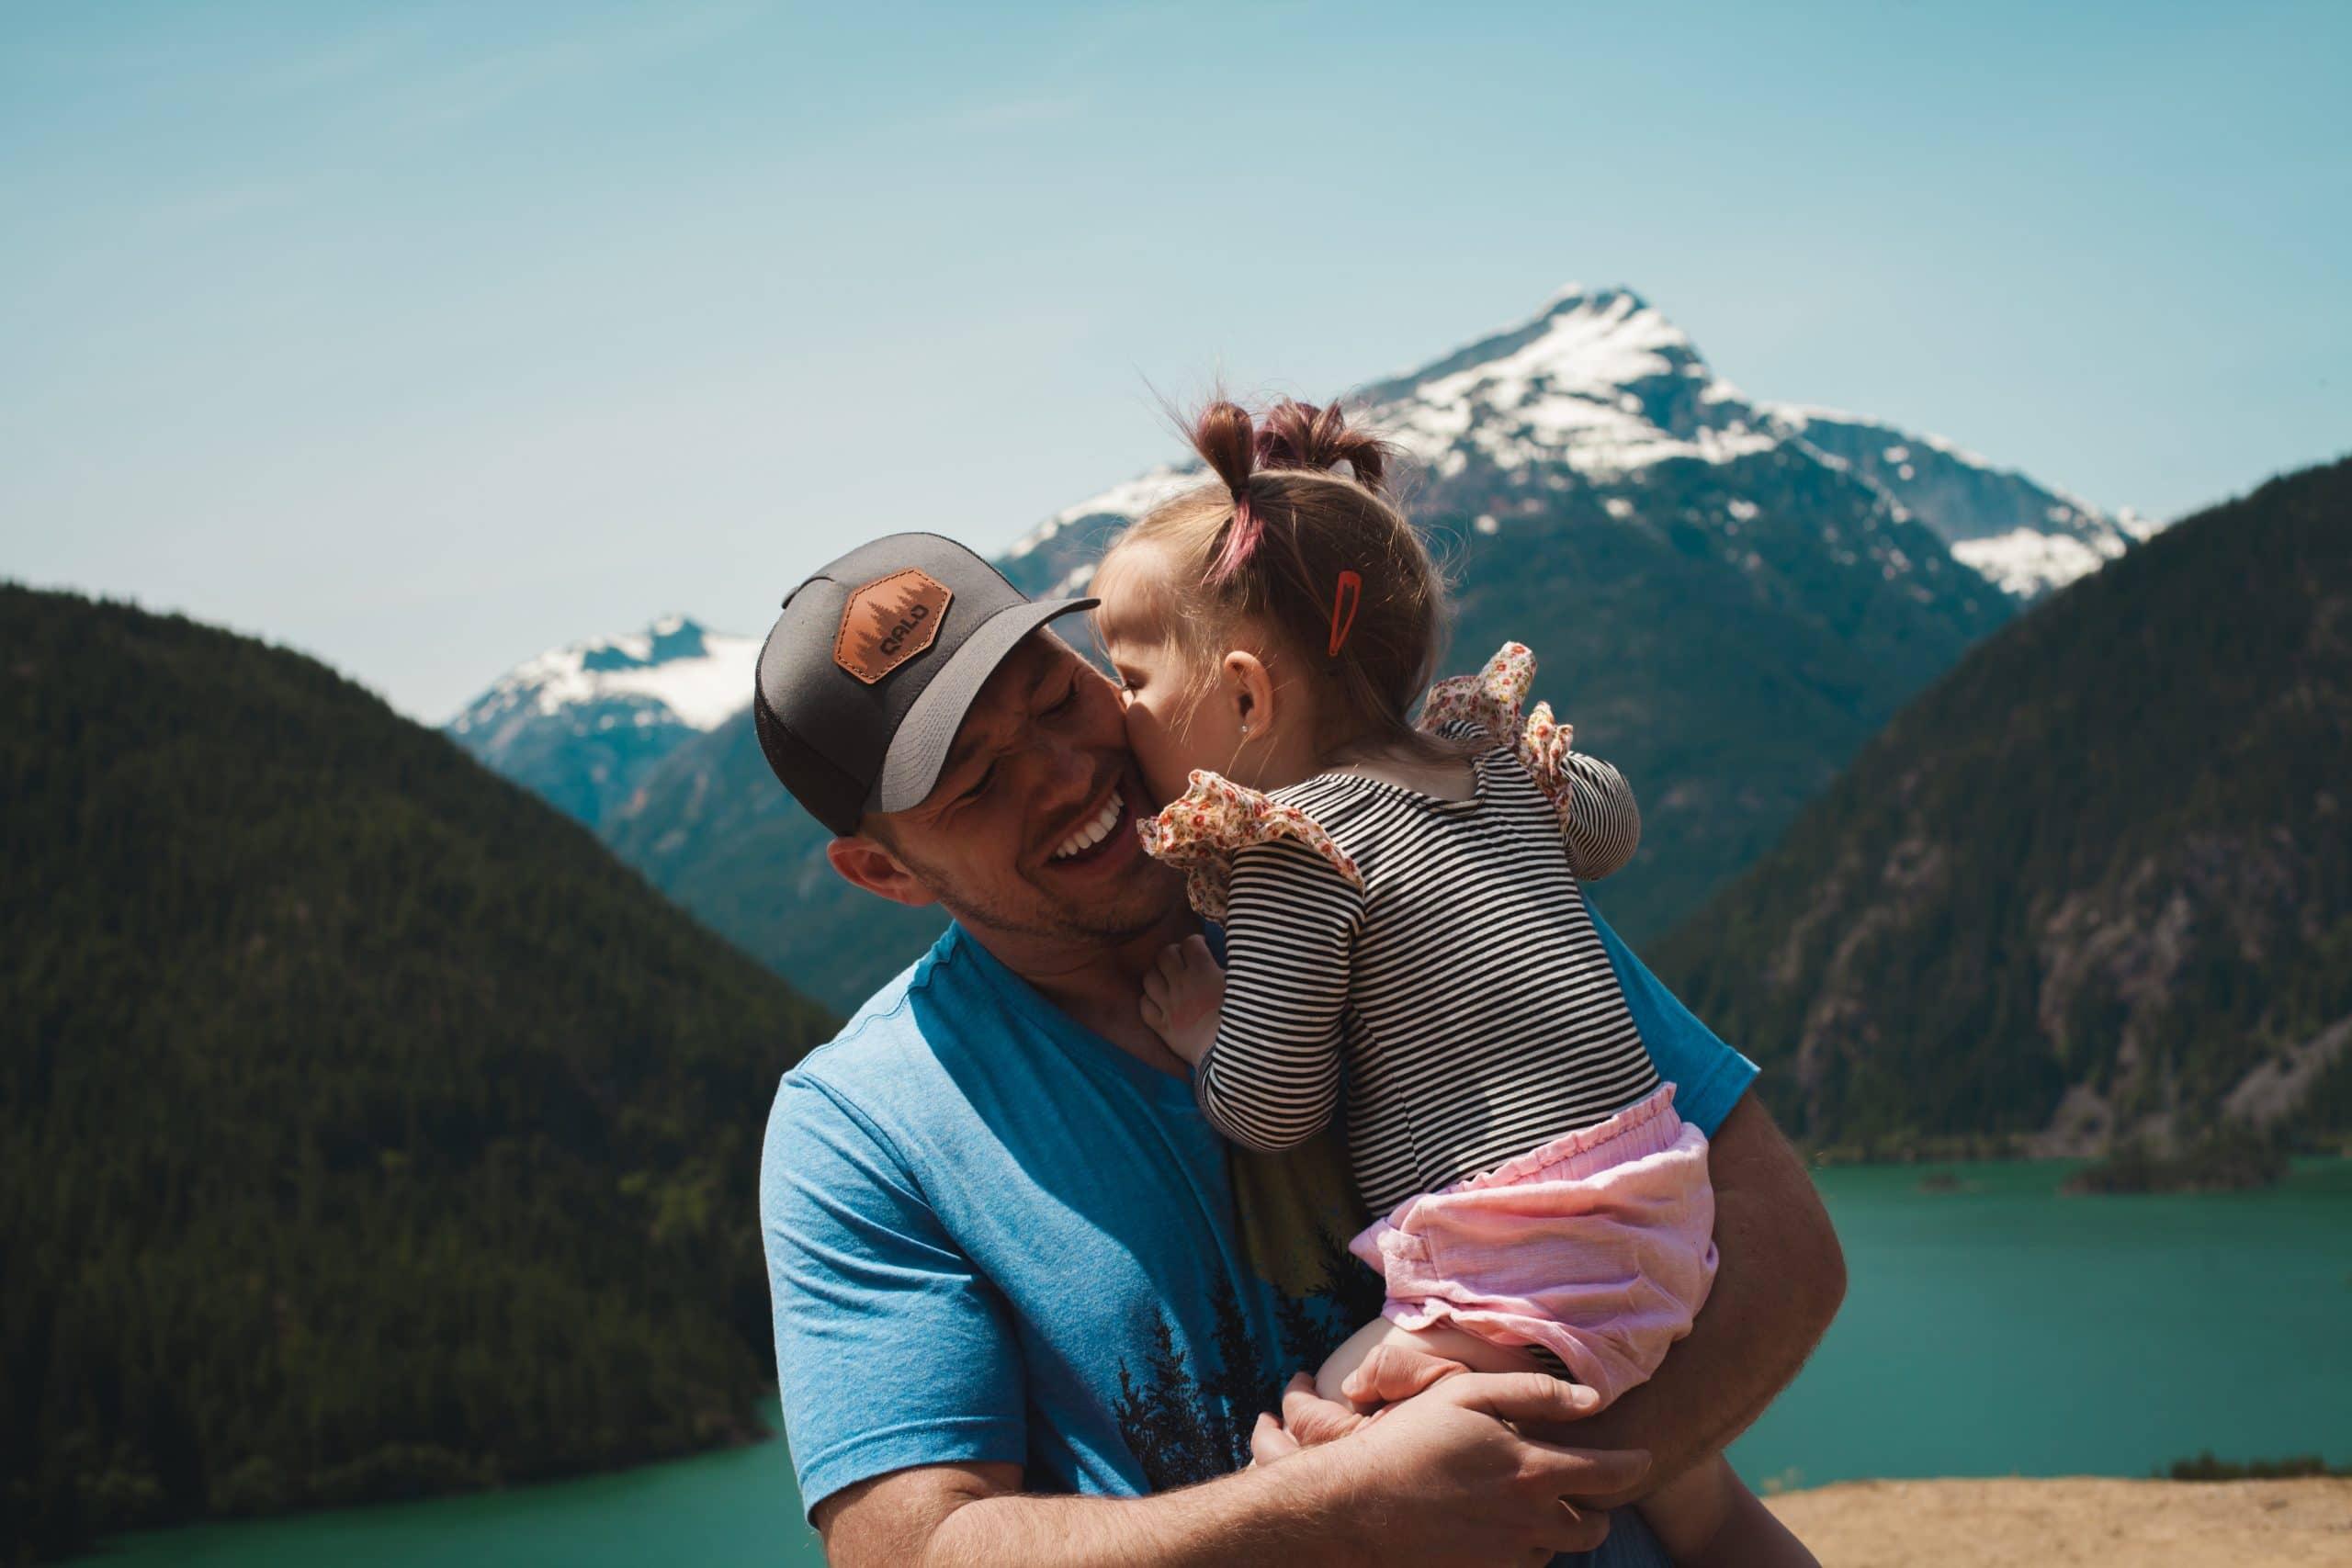 Pai segura sua filha no colo e ela lhe dá um beijo na bochecha. Ele sorri. Há uma montanha ao fundo.